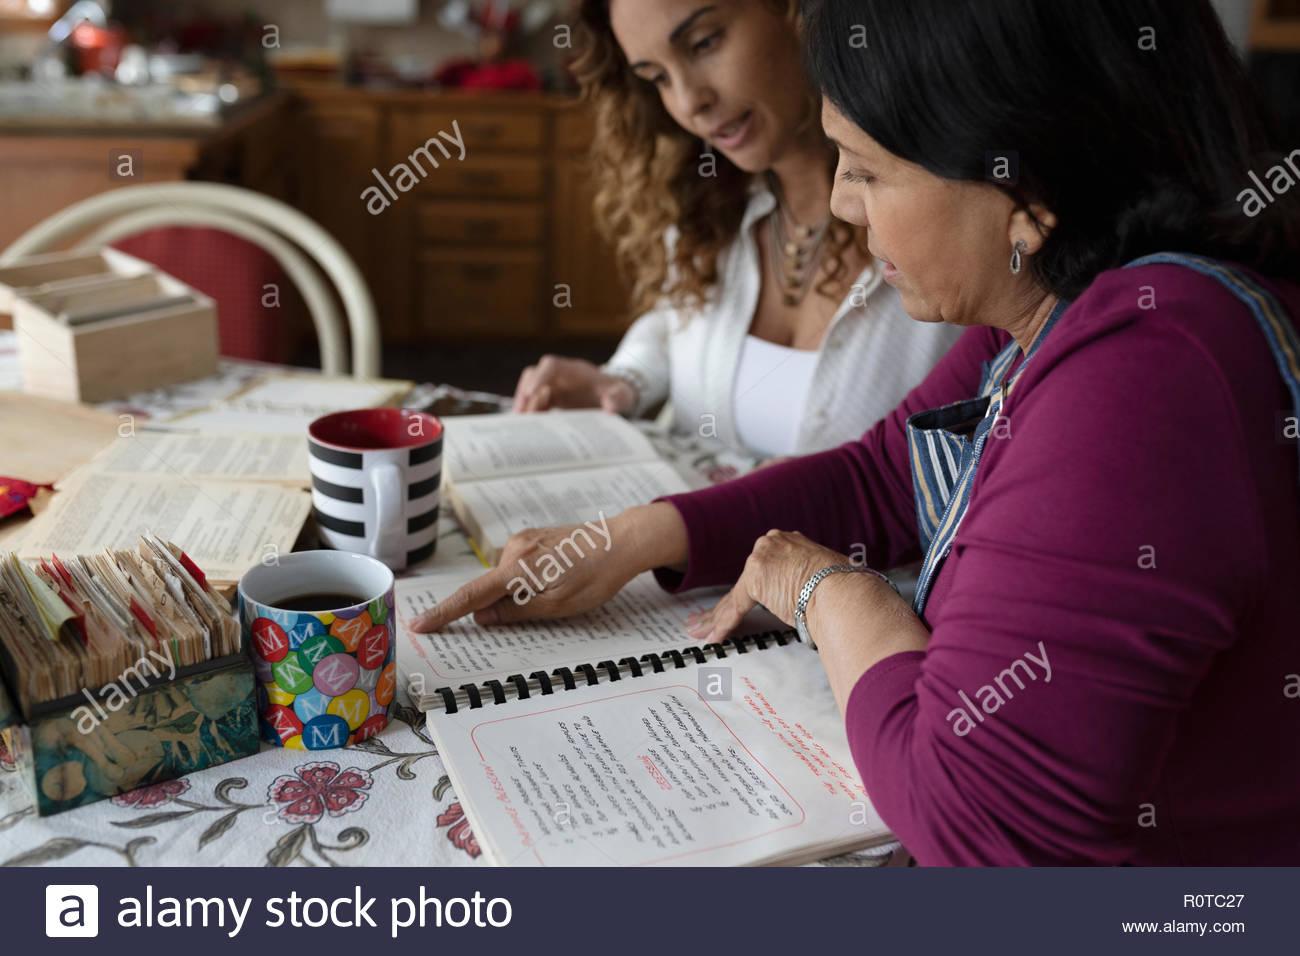 Hija y madre Latinx altos buscando en libro de recetas de cocina Imagen De Stock